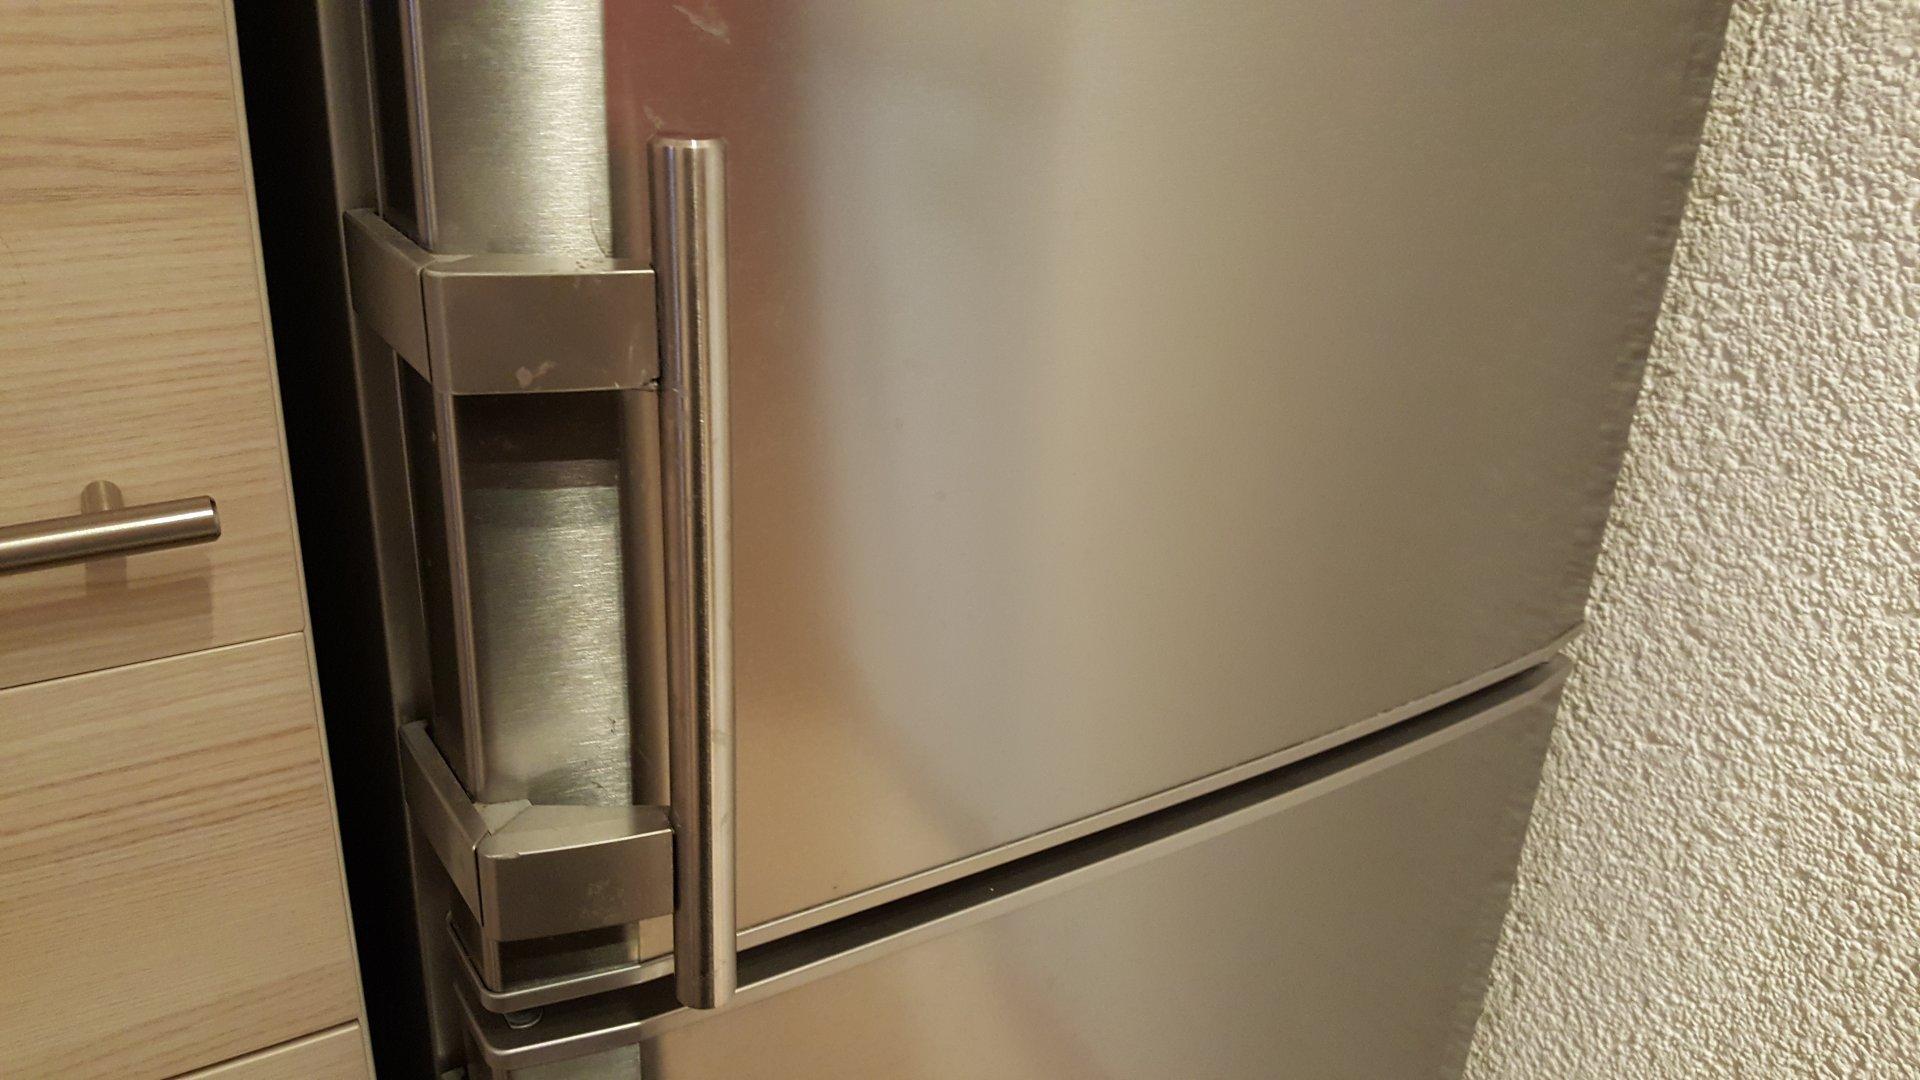 Gorenje Kühlschrank Probleme : Liebherr kühlschrank cupesf wie türgriff wechseln